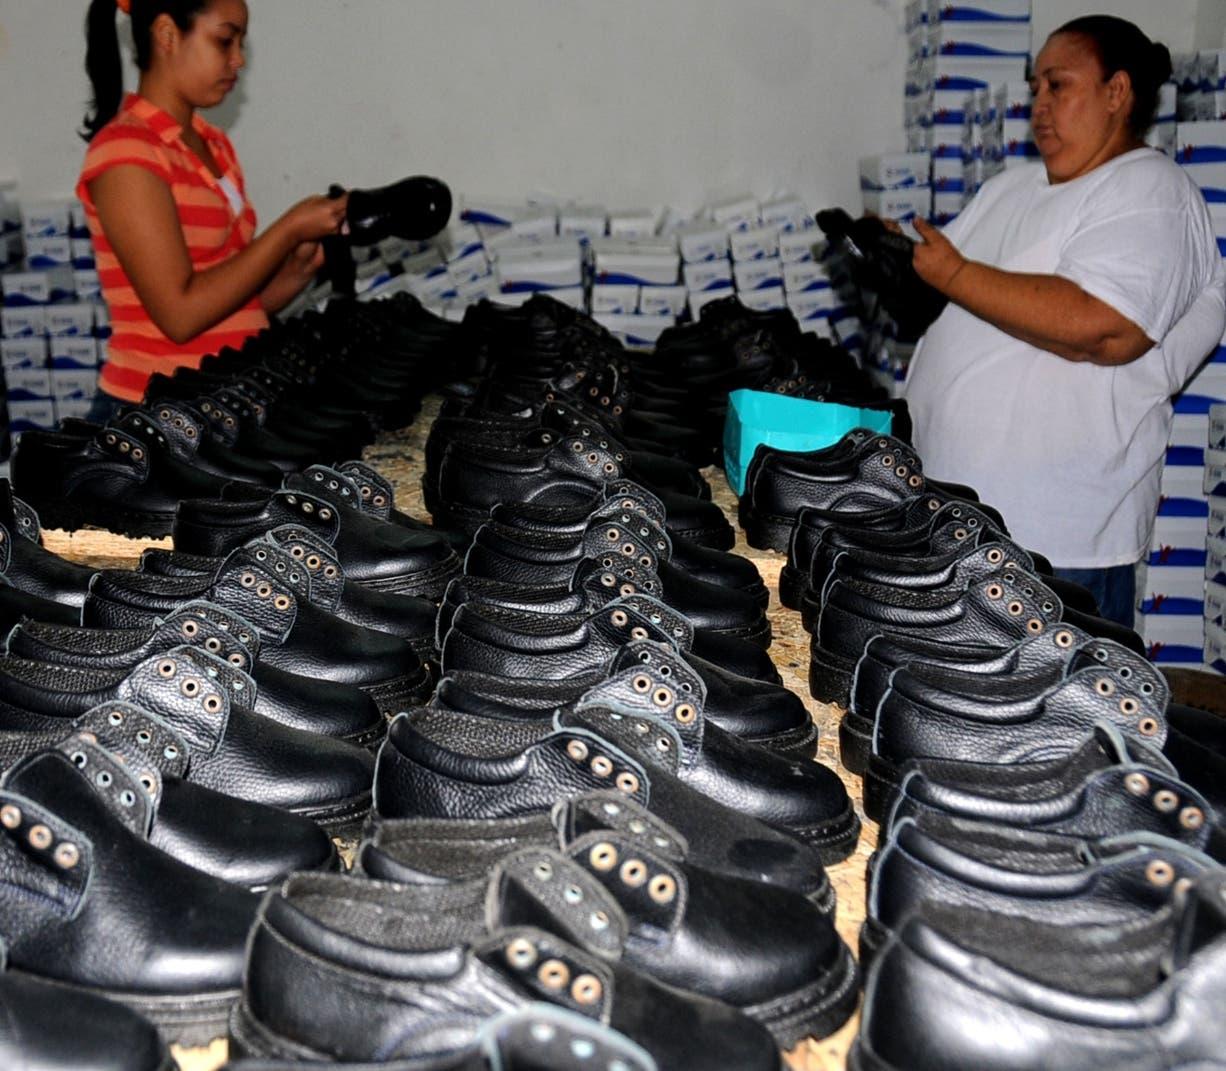 En el país hay cerca de 1.5 millones de  mipymes que  generan unos 2.5 millones de empleos.